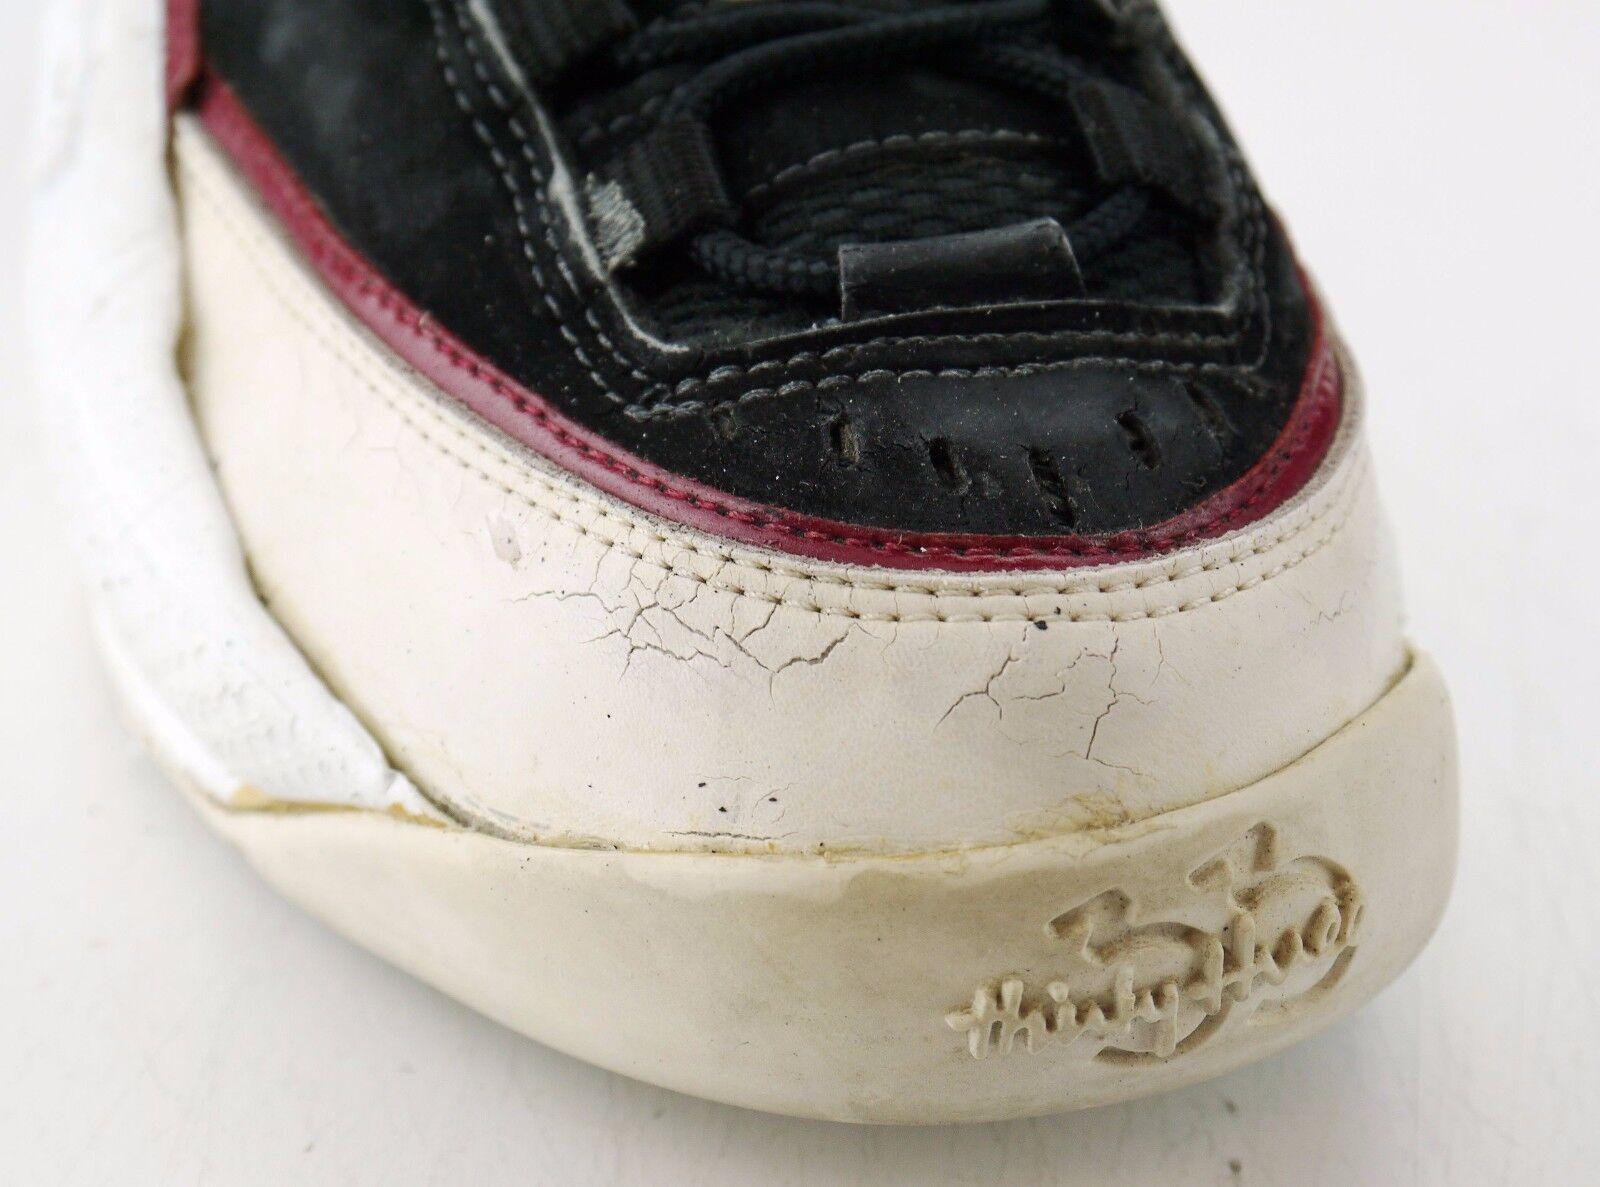 2018 Hill Vintage Grant Hill 2018 3 PE firmado Made in USA Zapato derecho sólo 961258